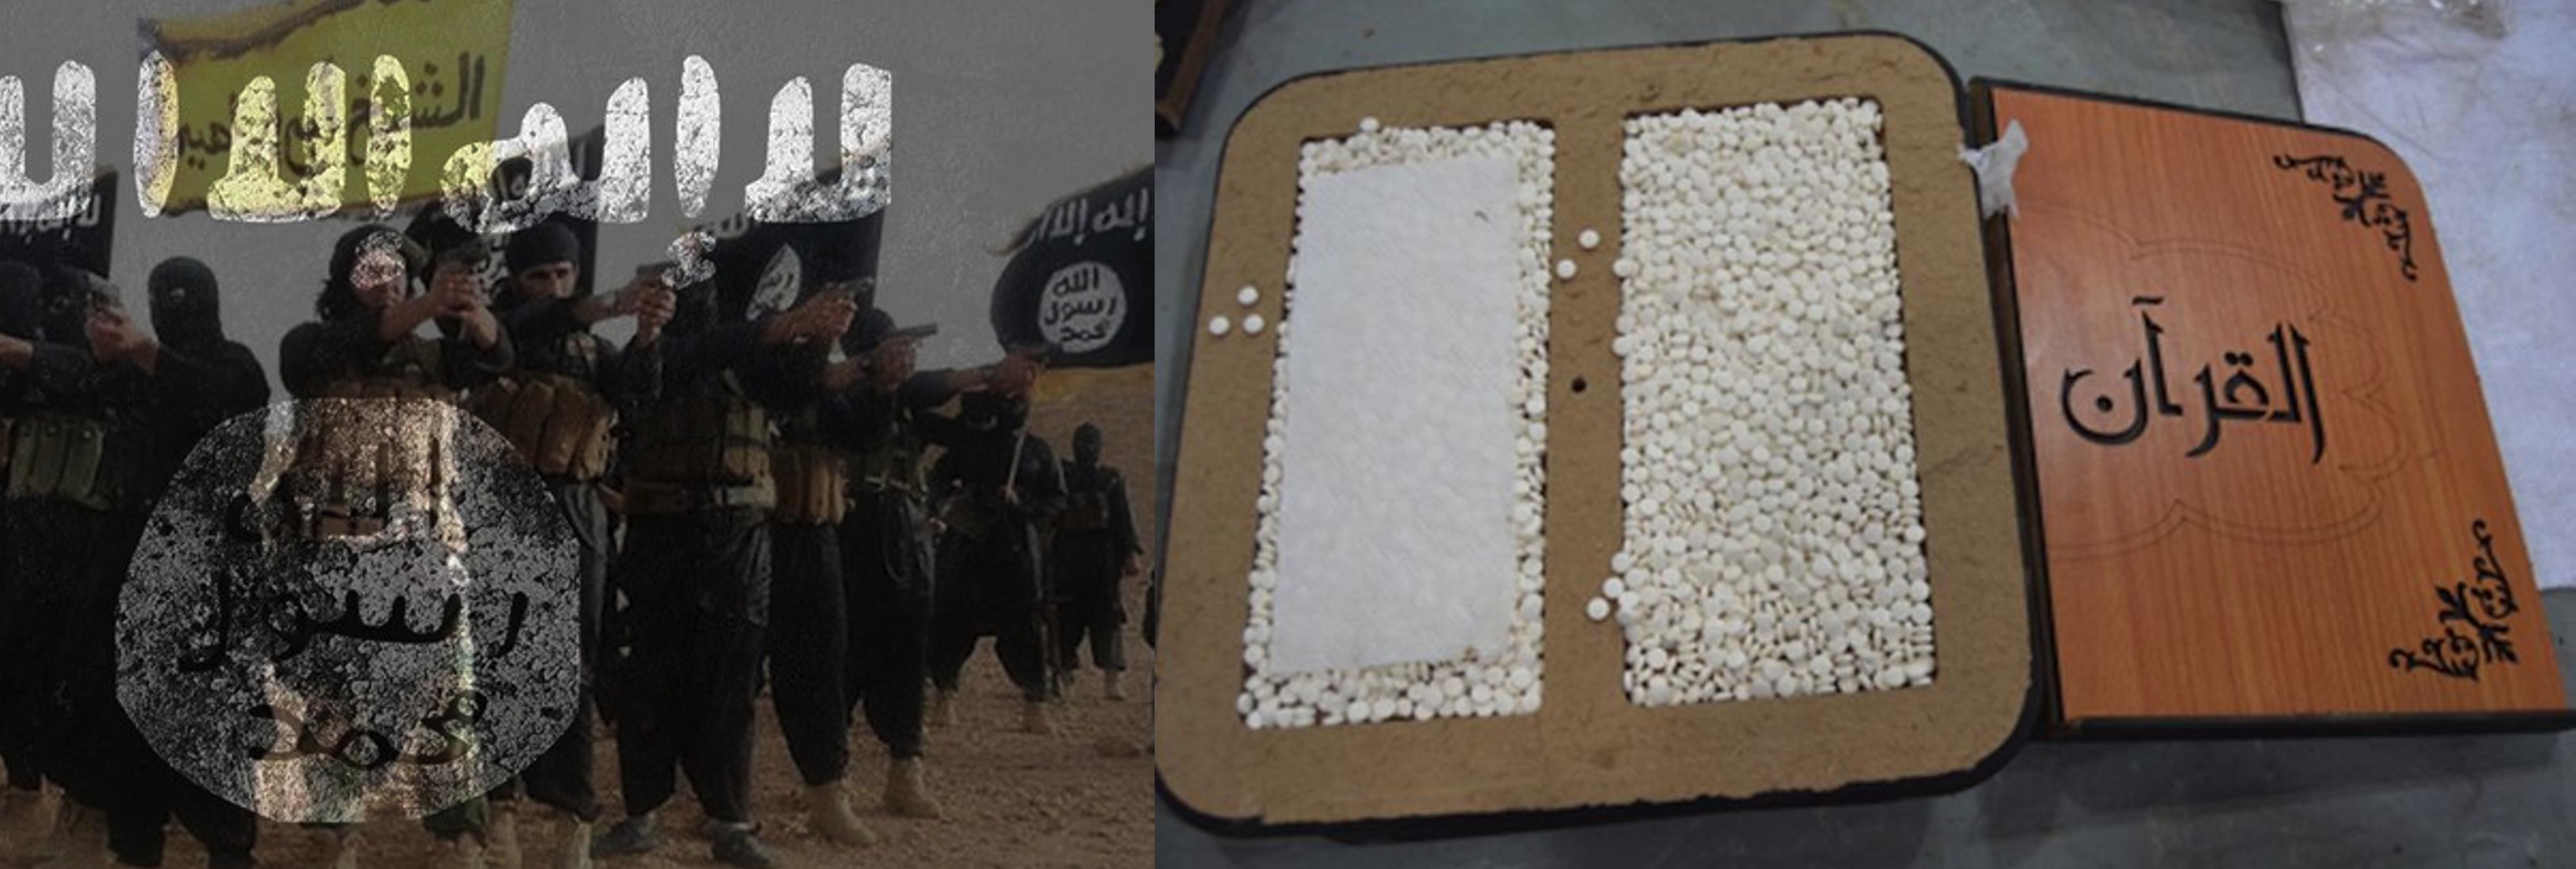 'Captagon': la droga de los yihadistas preocupa a España por popularizarse en discotecas